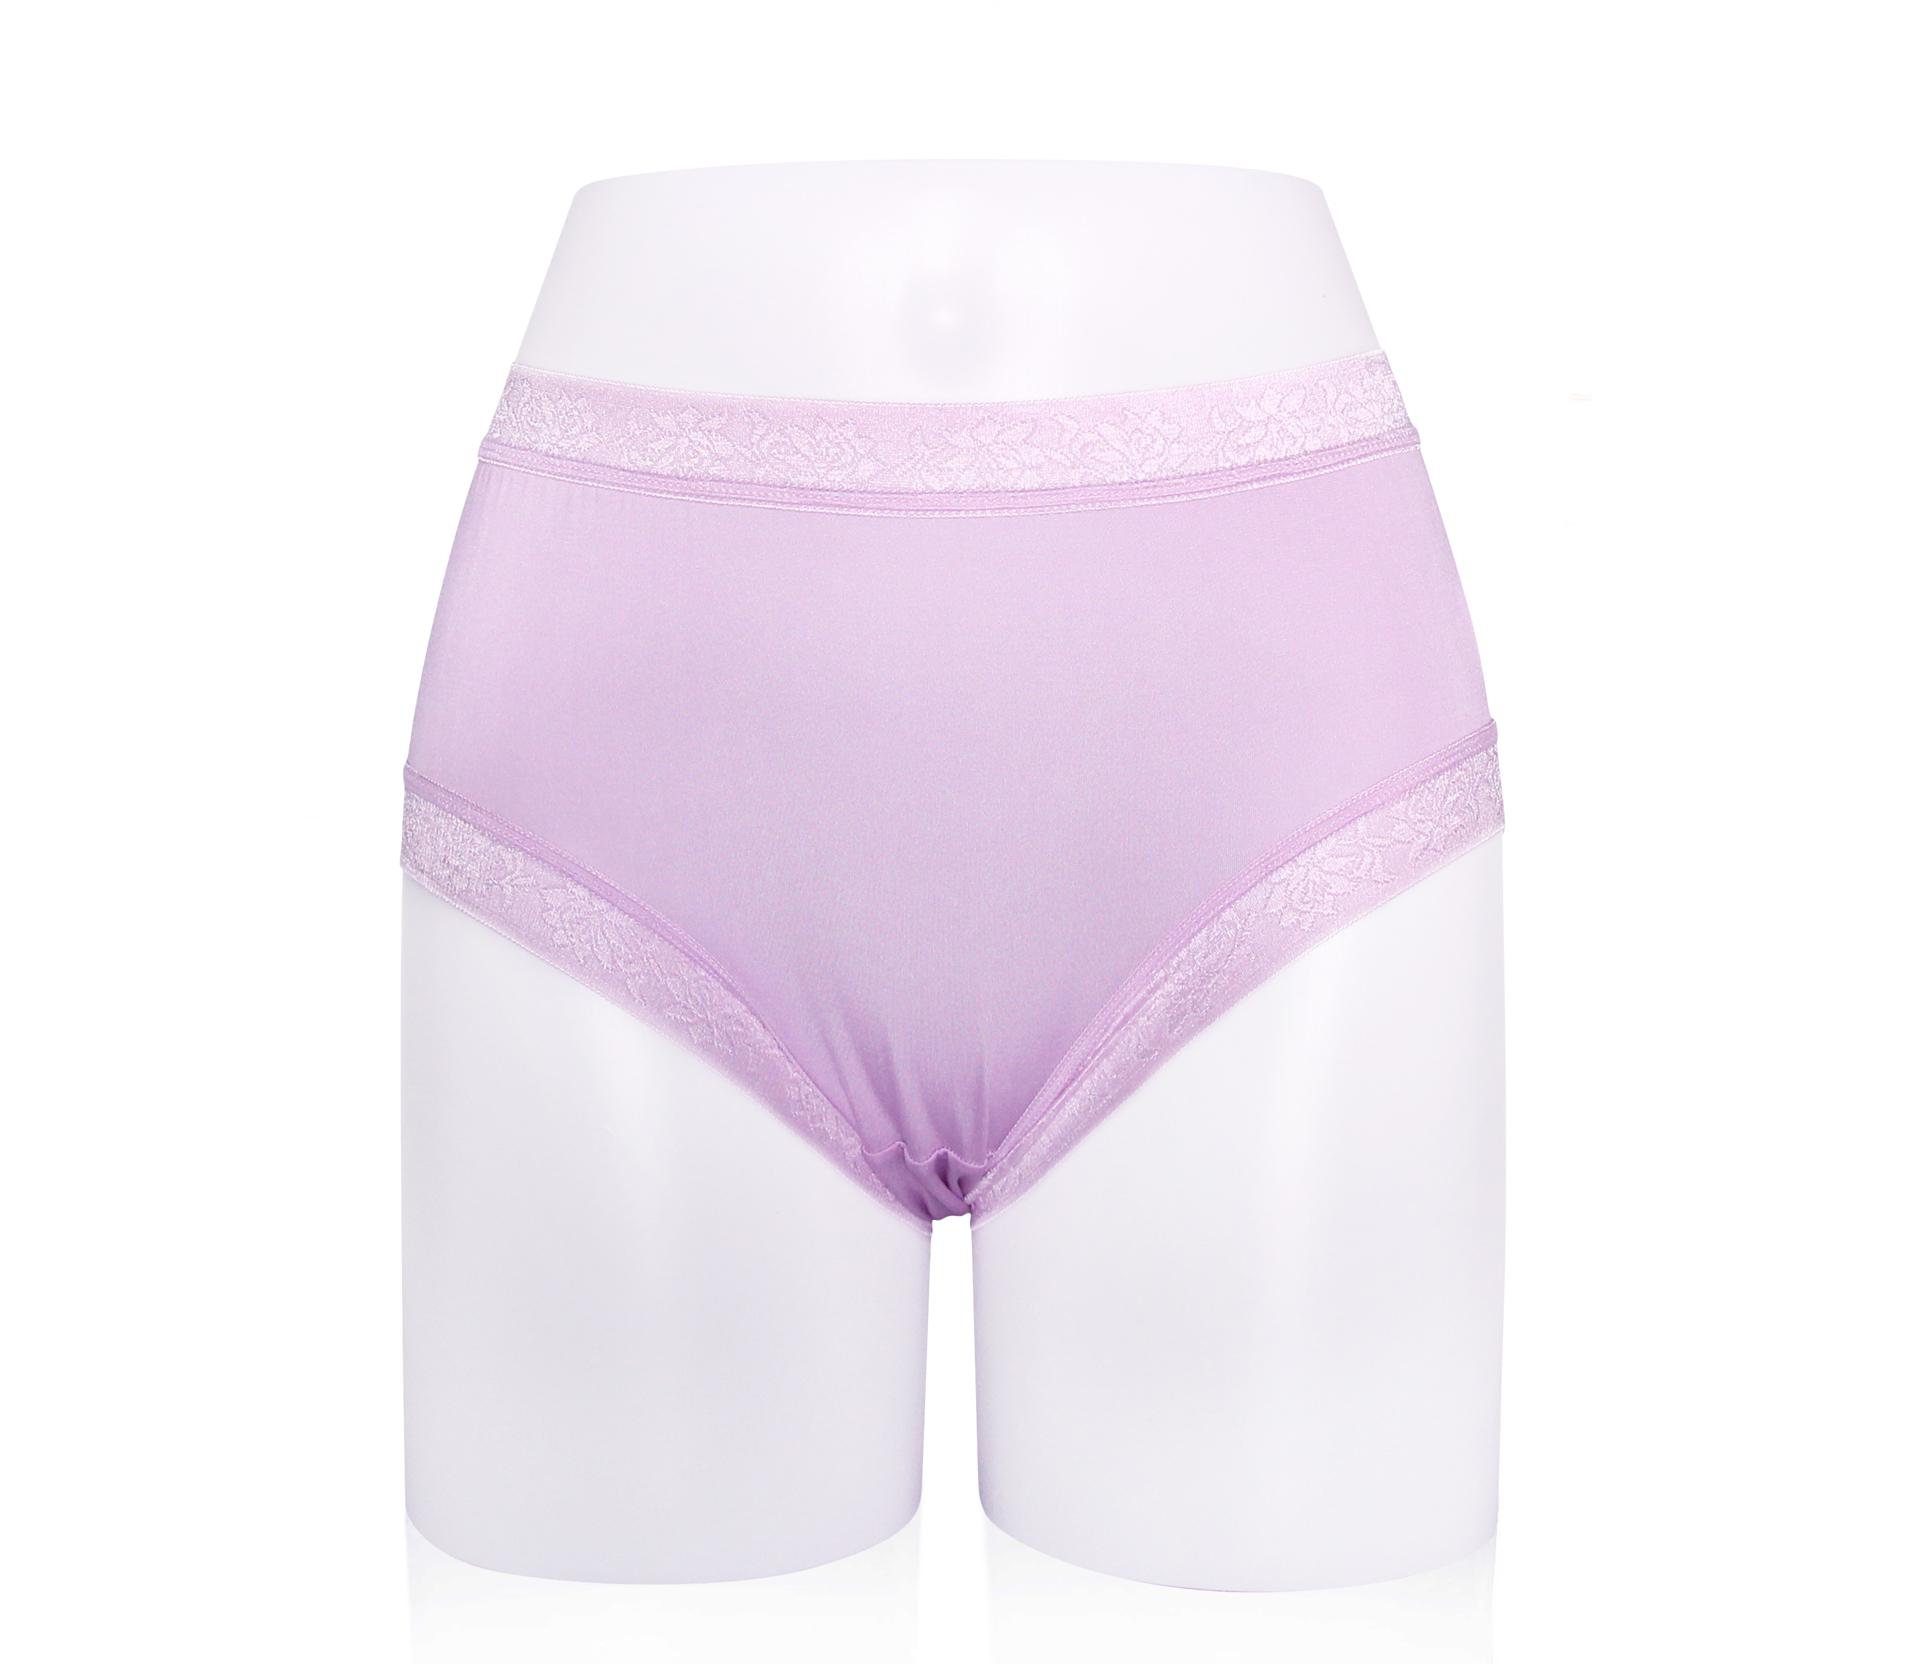 闕蘭絹粉嫩溫柔30針100%蠶絲內褲 - 887904 (紫)